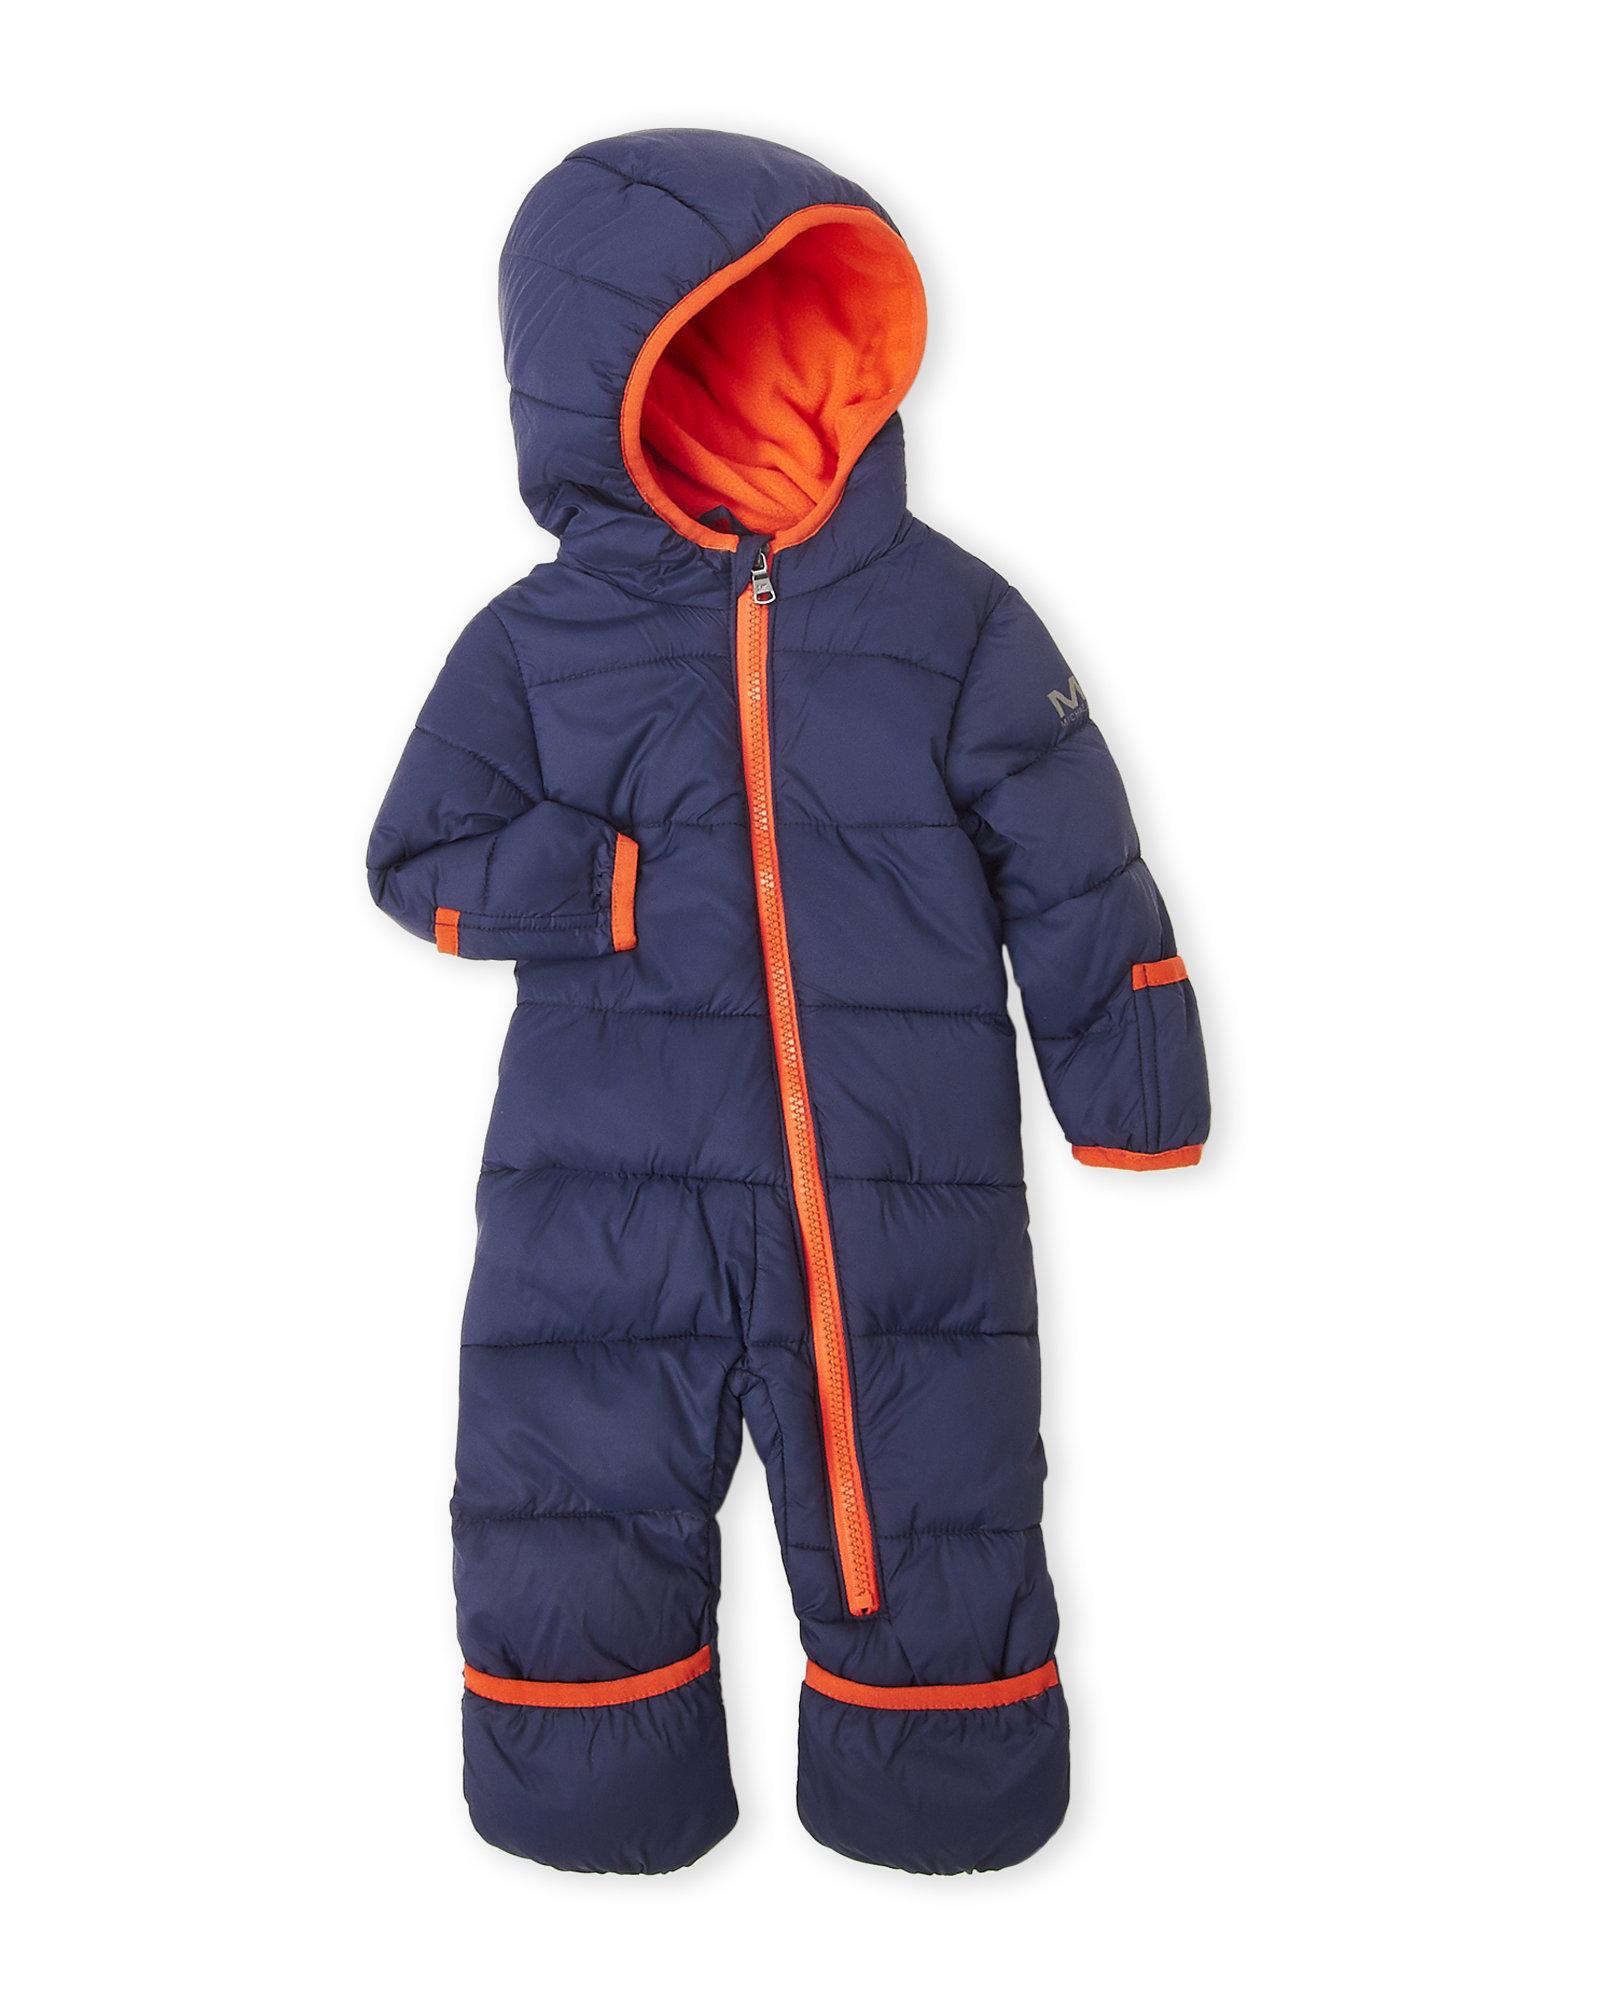 a25f7ed9e5 Új, címkés, eredeti Michael Kors márkás babaruha kisfiú téli kapucnis overál